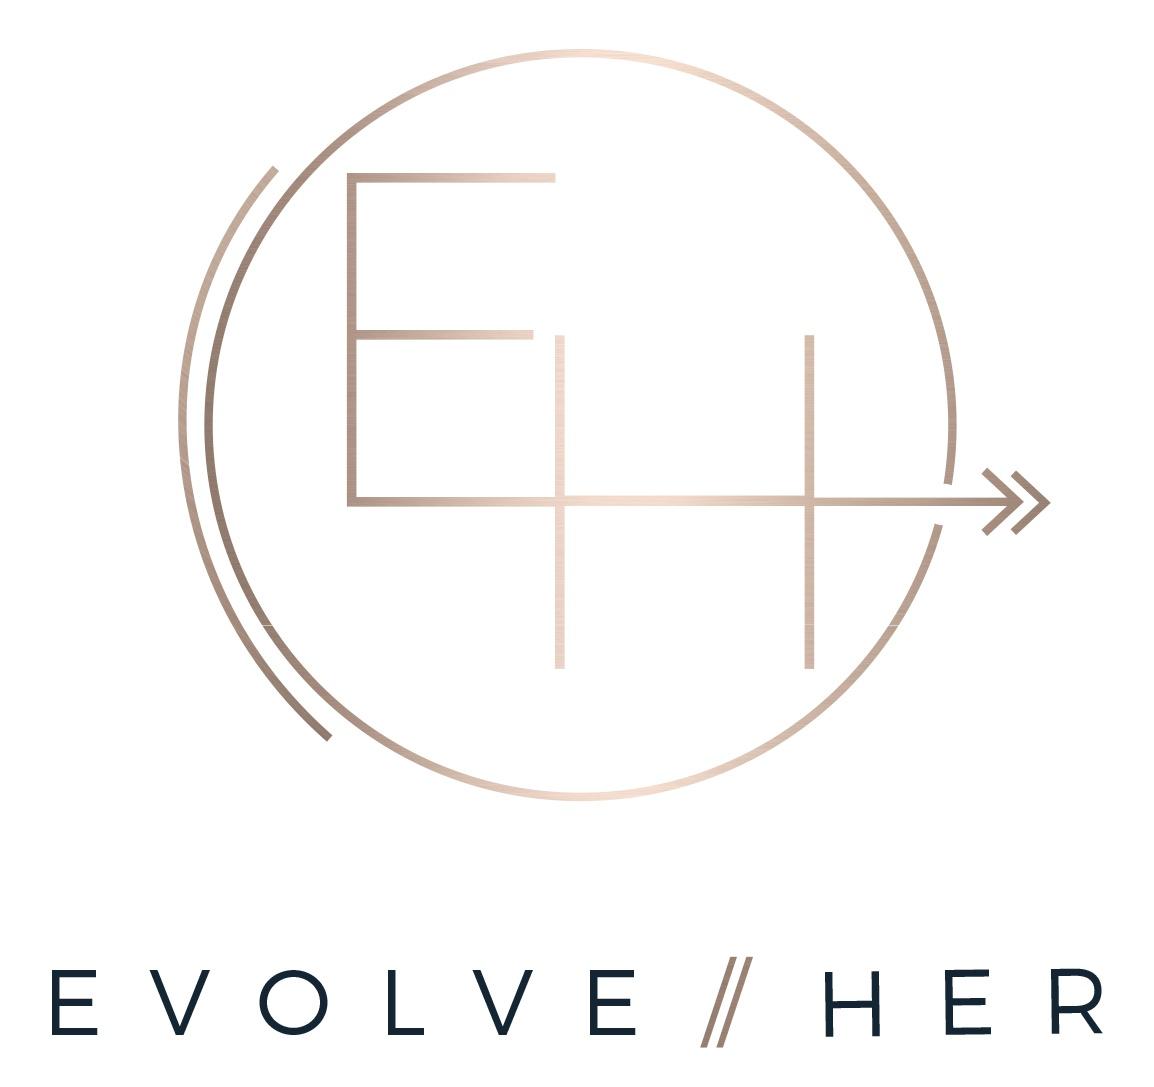 Evolve-Her.jpg